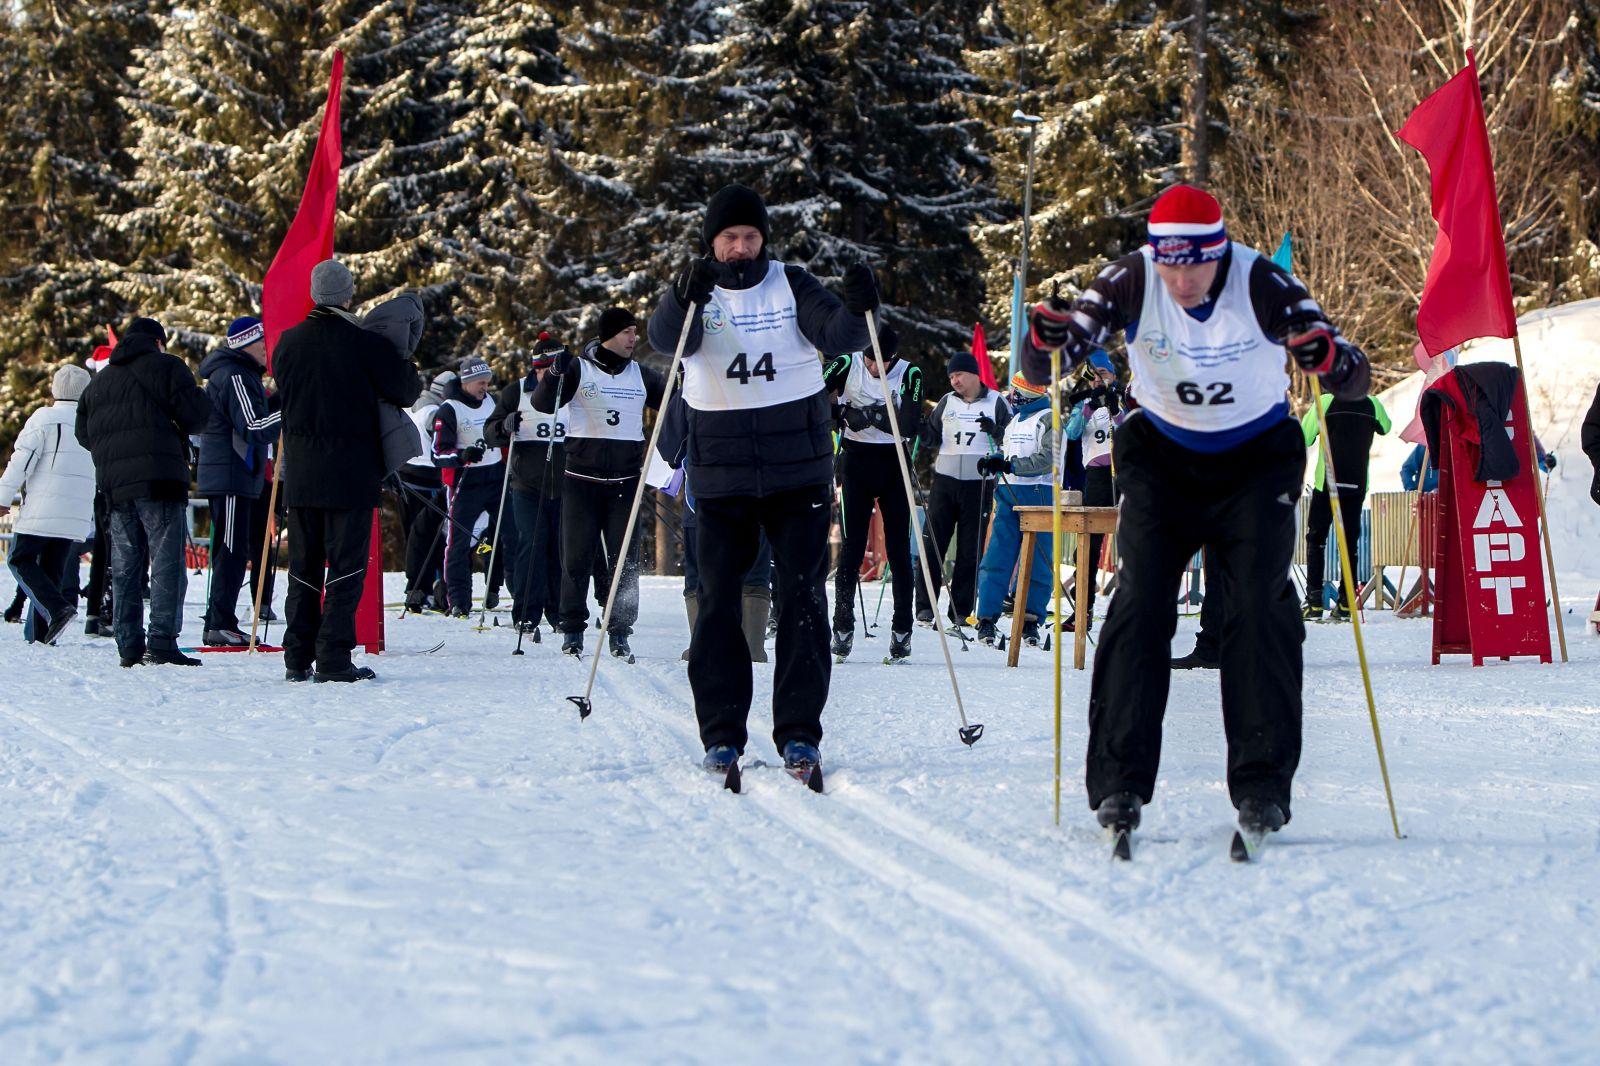 В Перми в рамках VII Краевого Паралимпийского спортивного фестиваля прошли соревнования по бильярдному спорту и лыжным гонкам